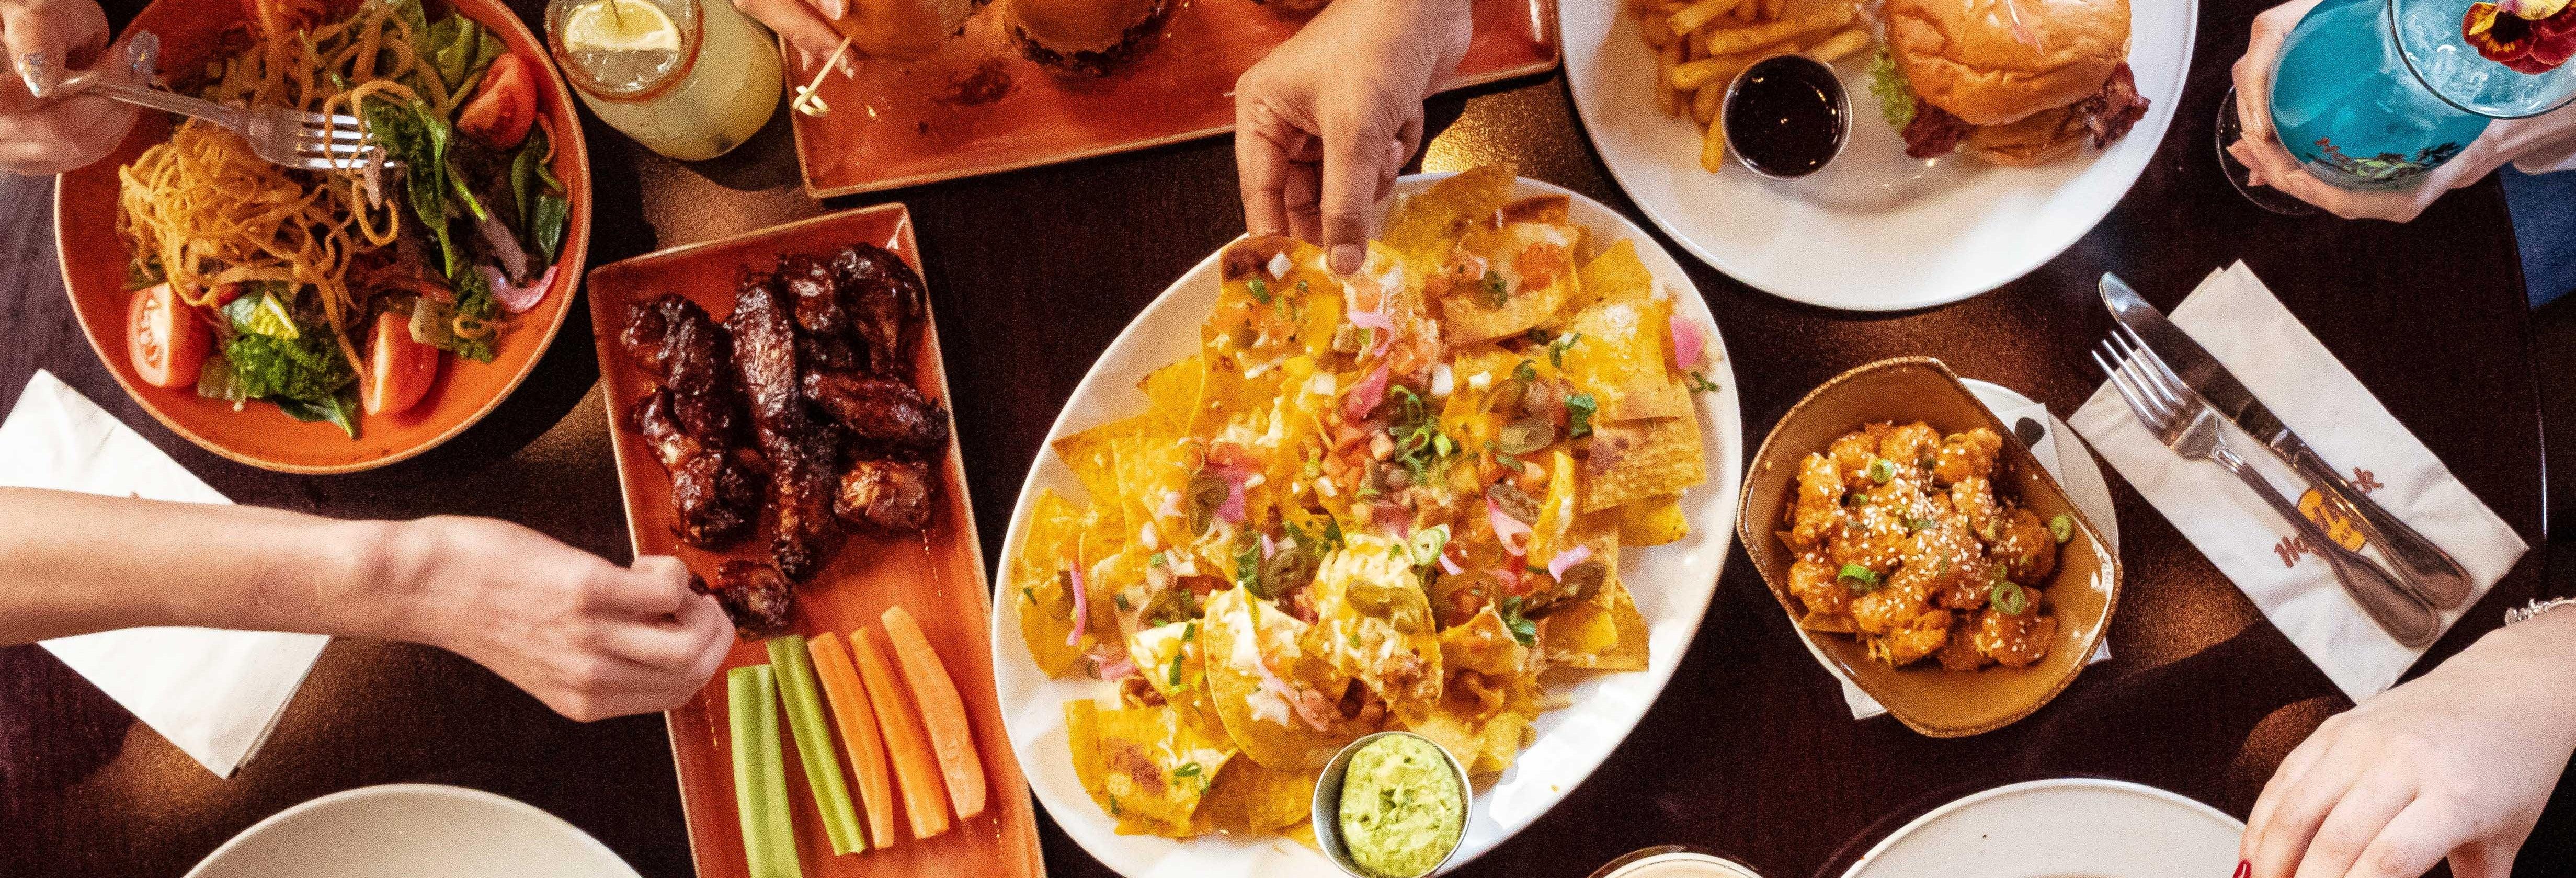 Comida o cena en el Hard Rock Café Athens